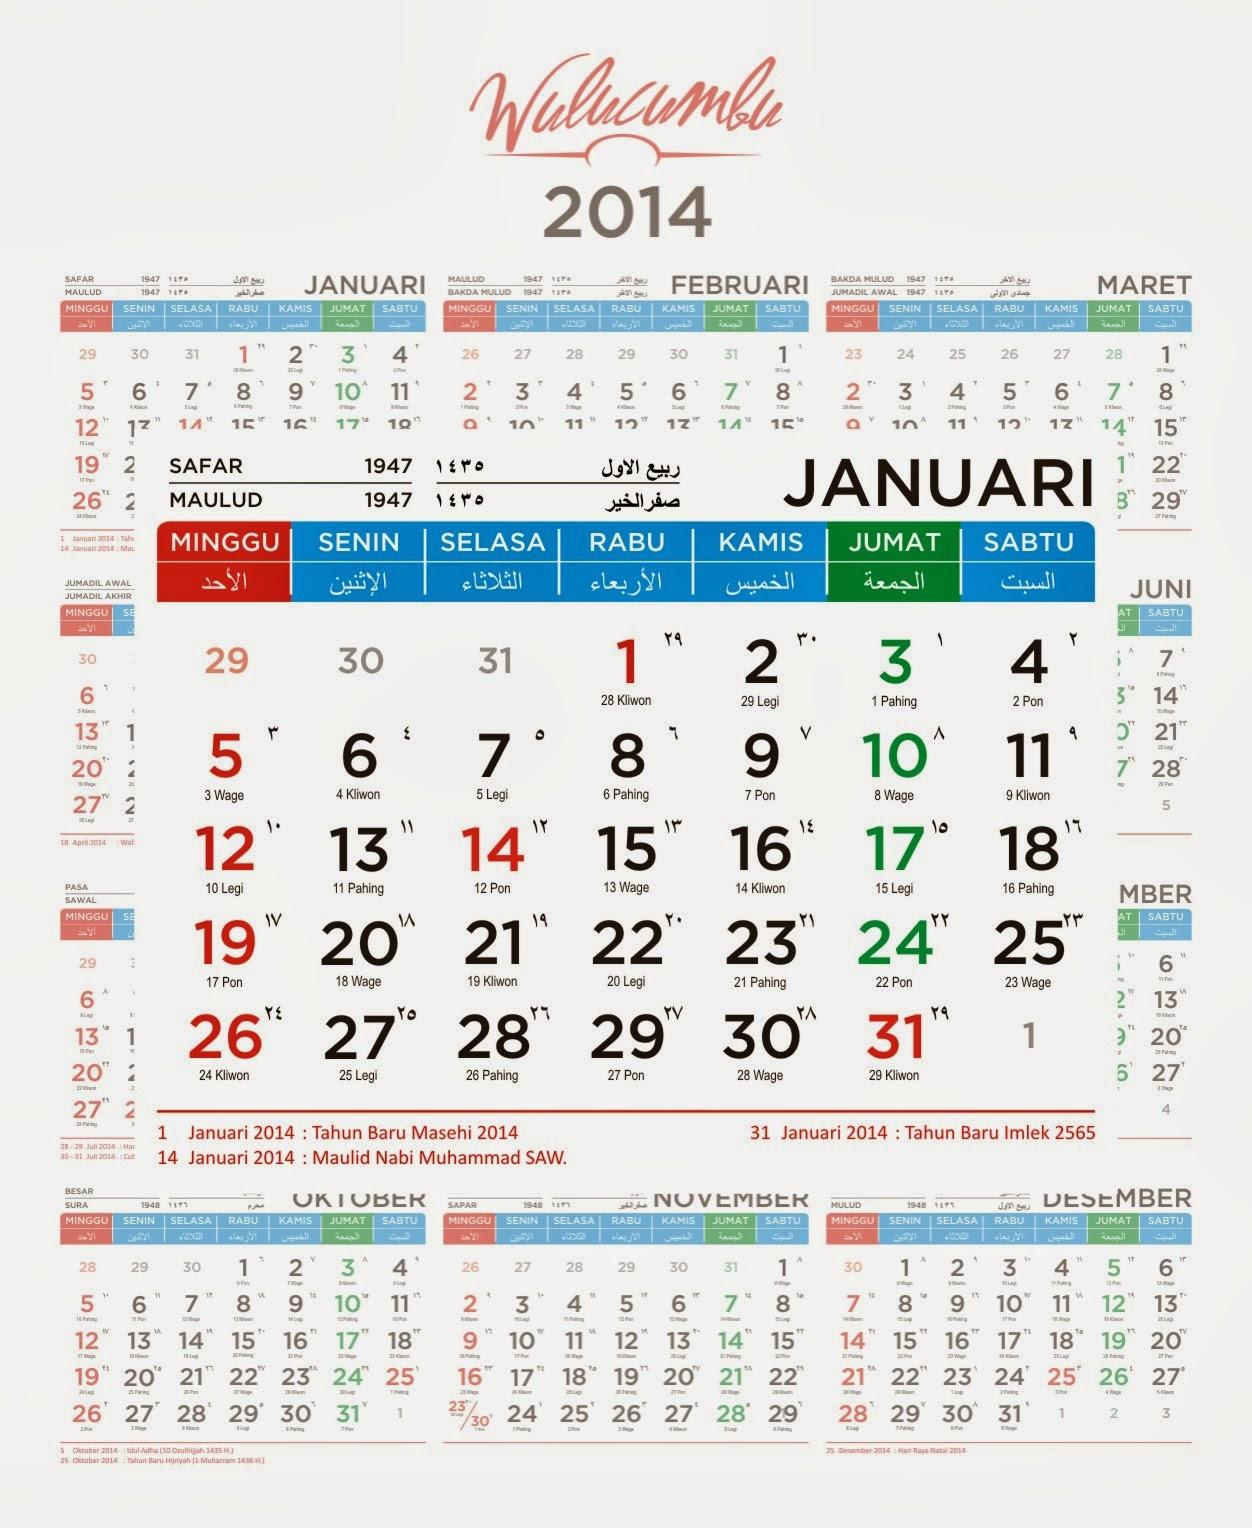 Download Kalender 2014 Gratis, Lengkap dengan Hari Libur Nasional